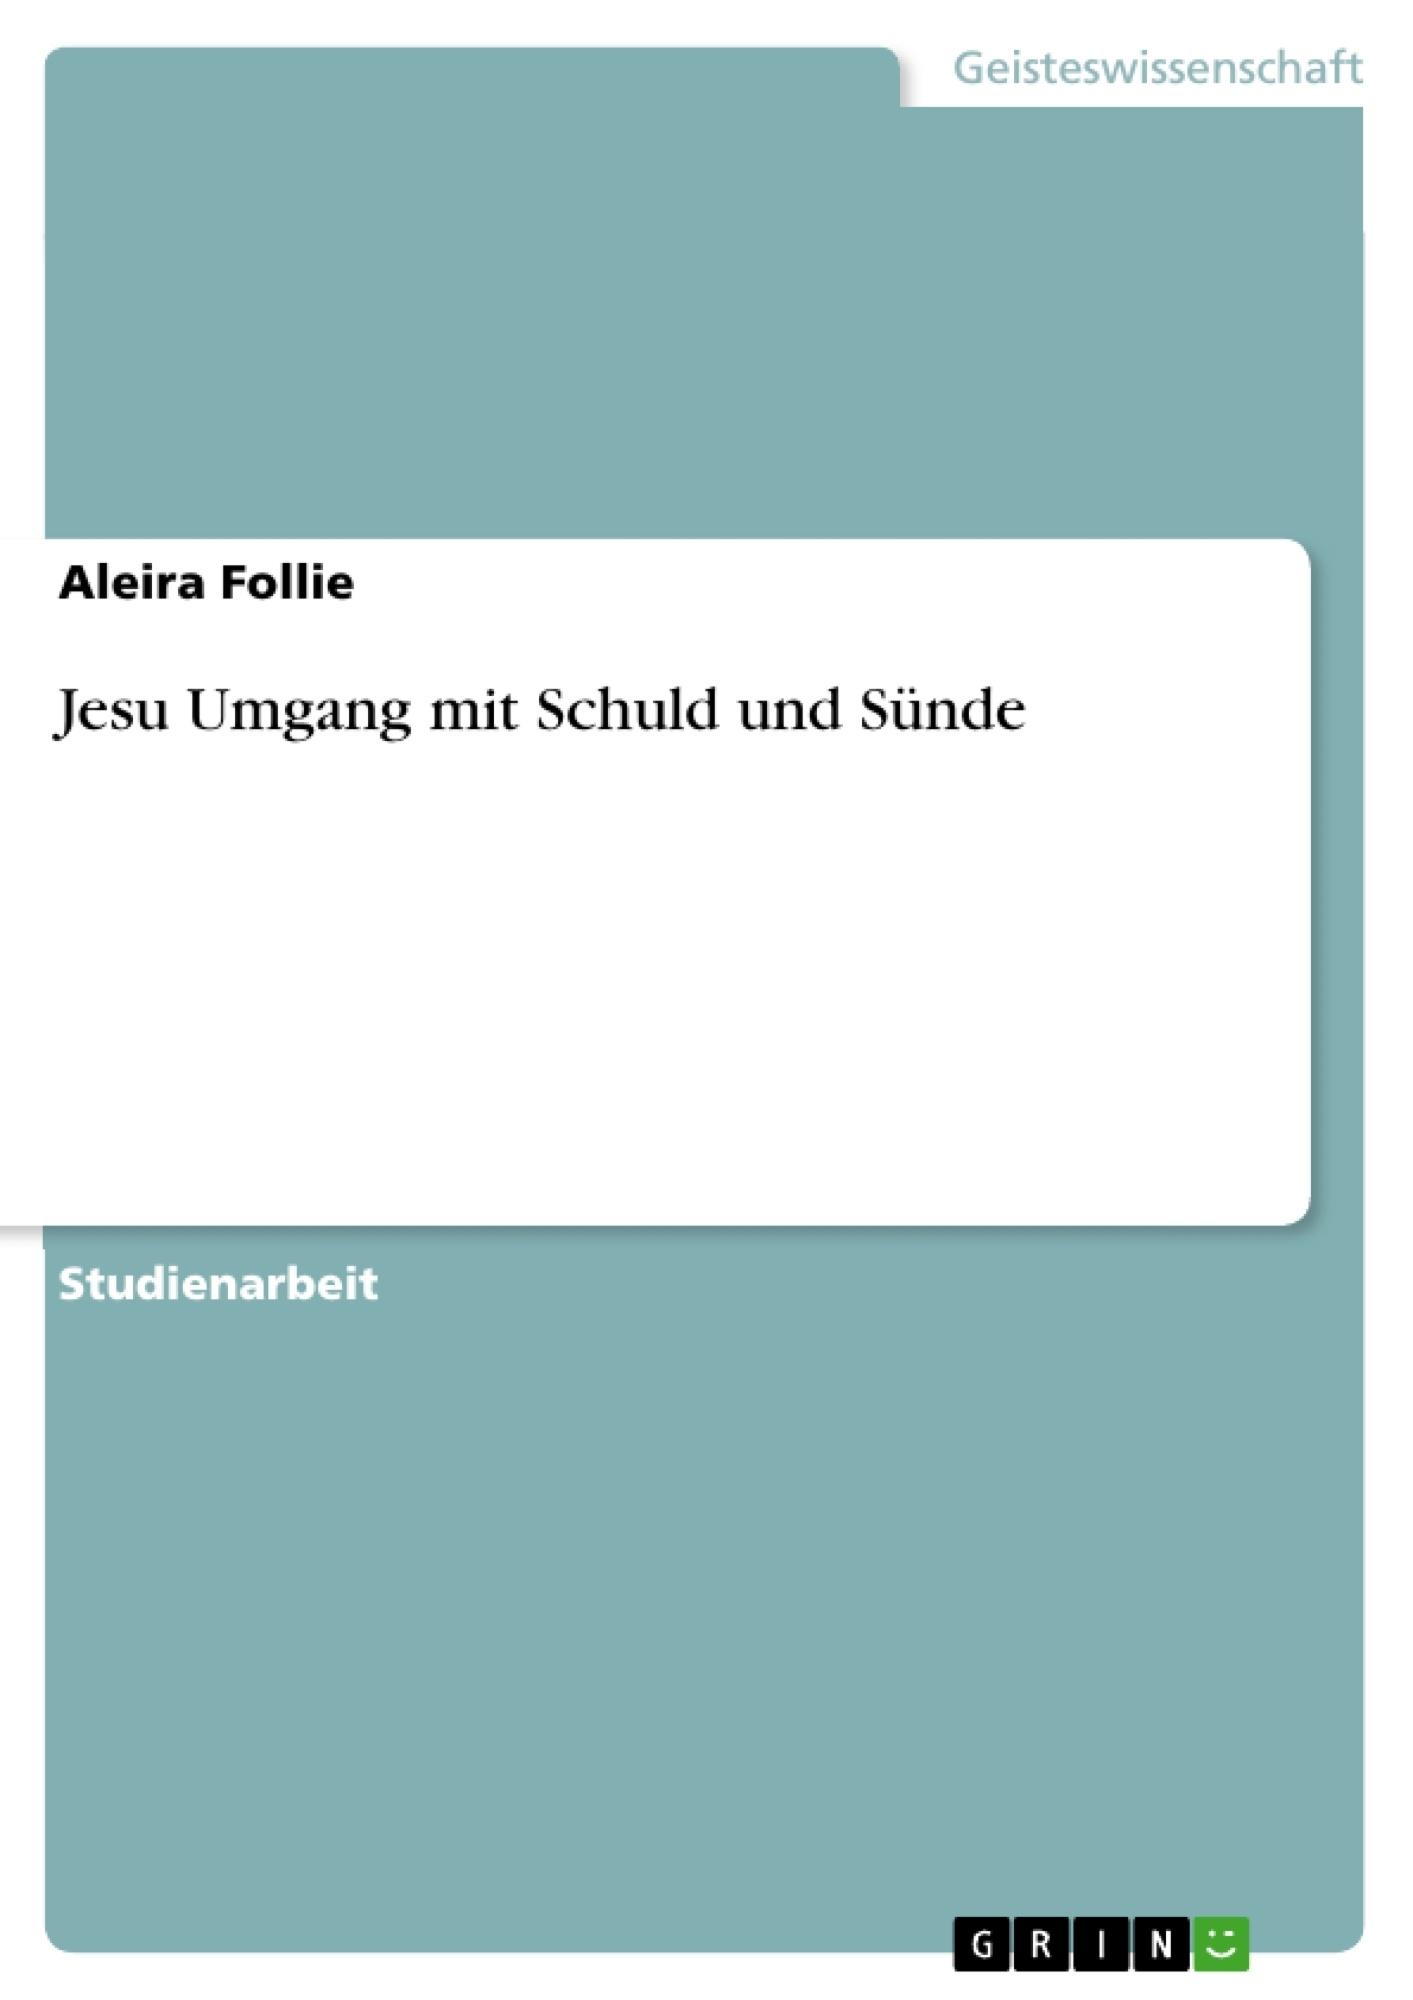 Titel: Jesu Umgang mit Schuld und Sünde